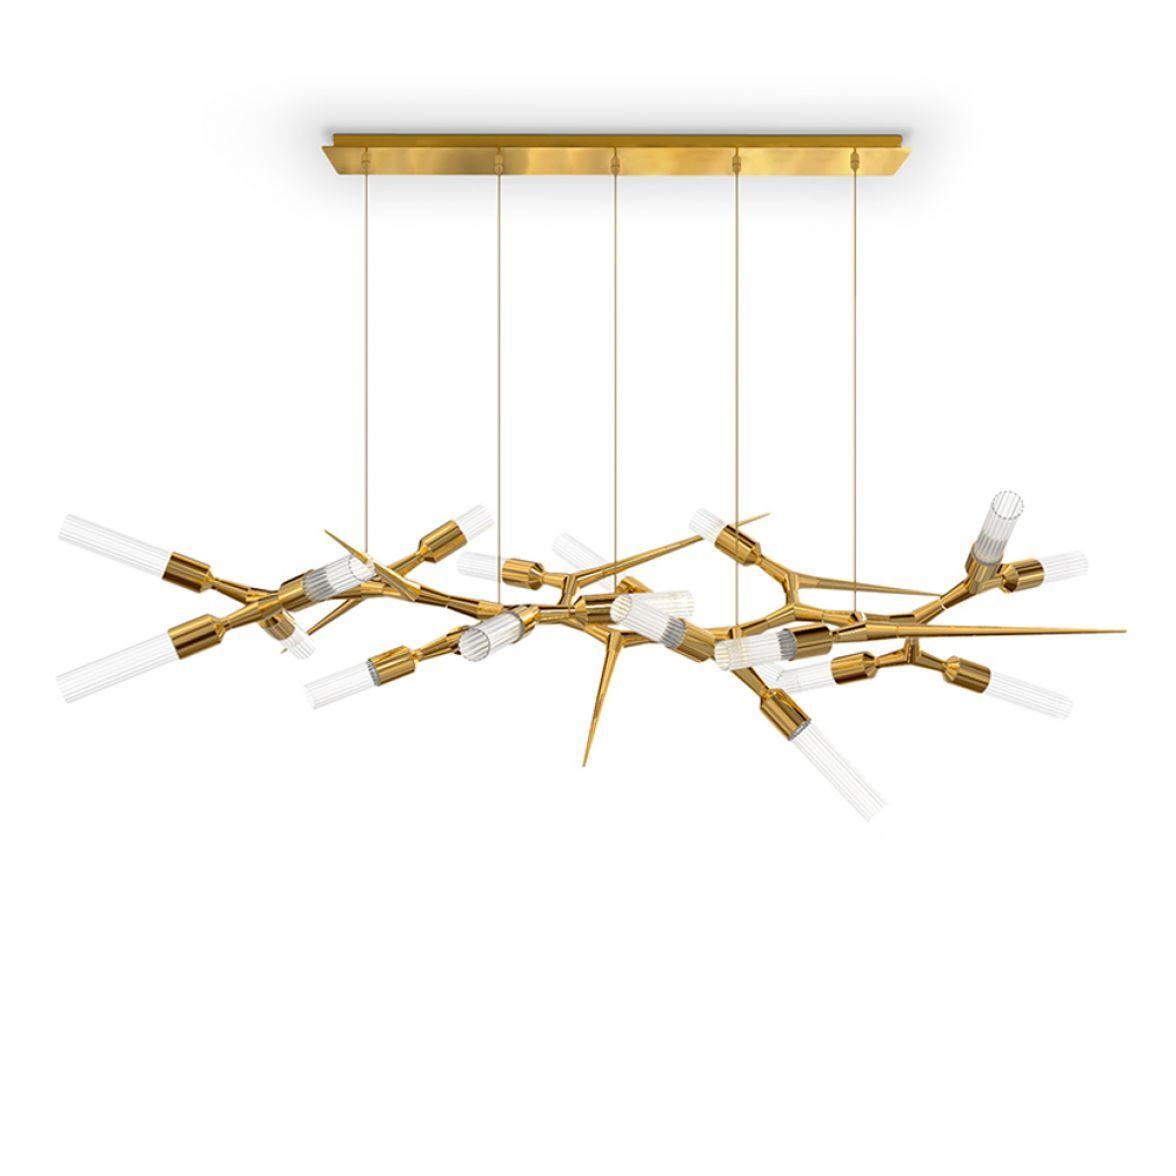 Shard chandelier